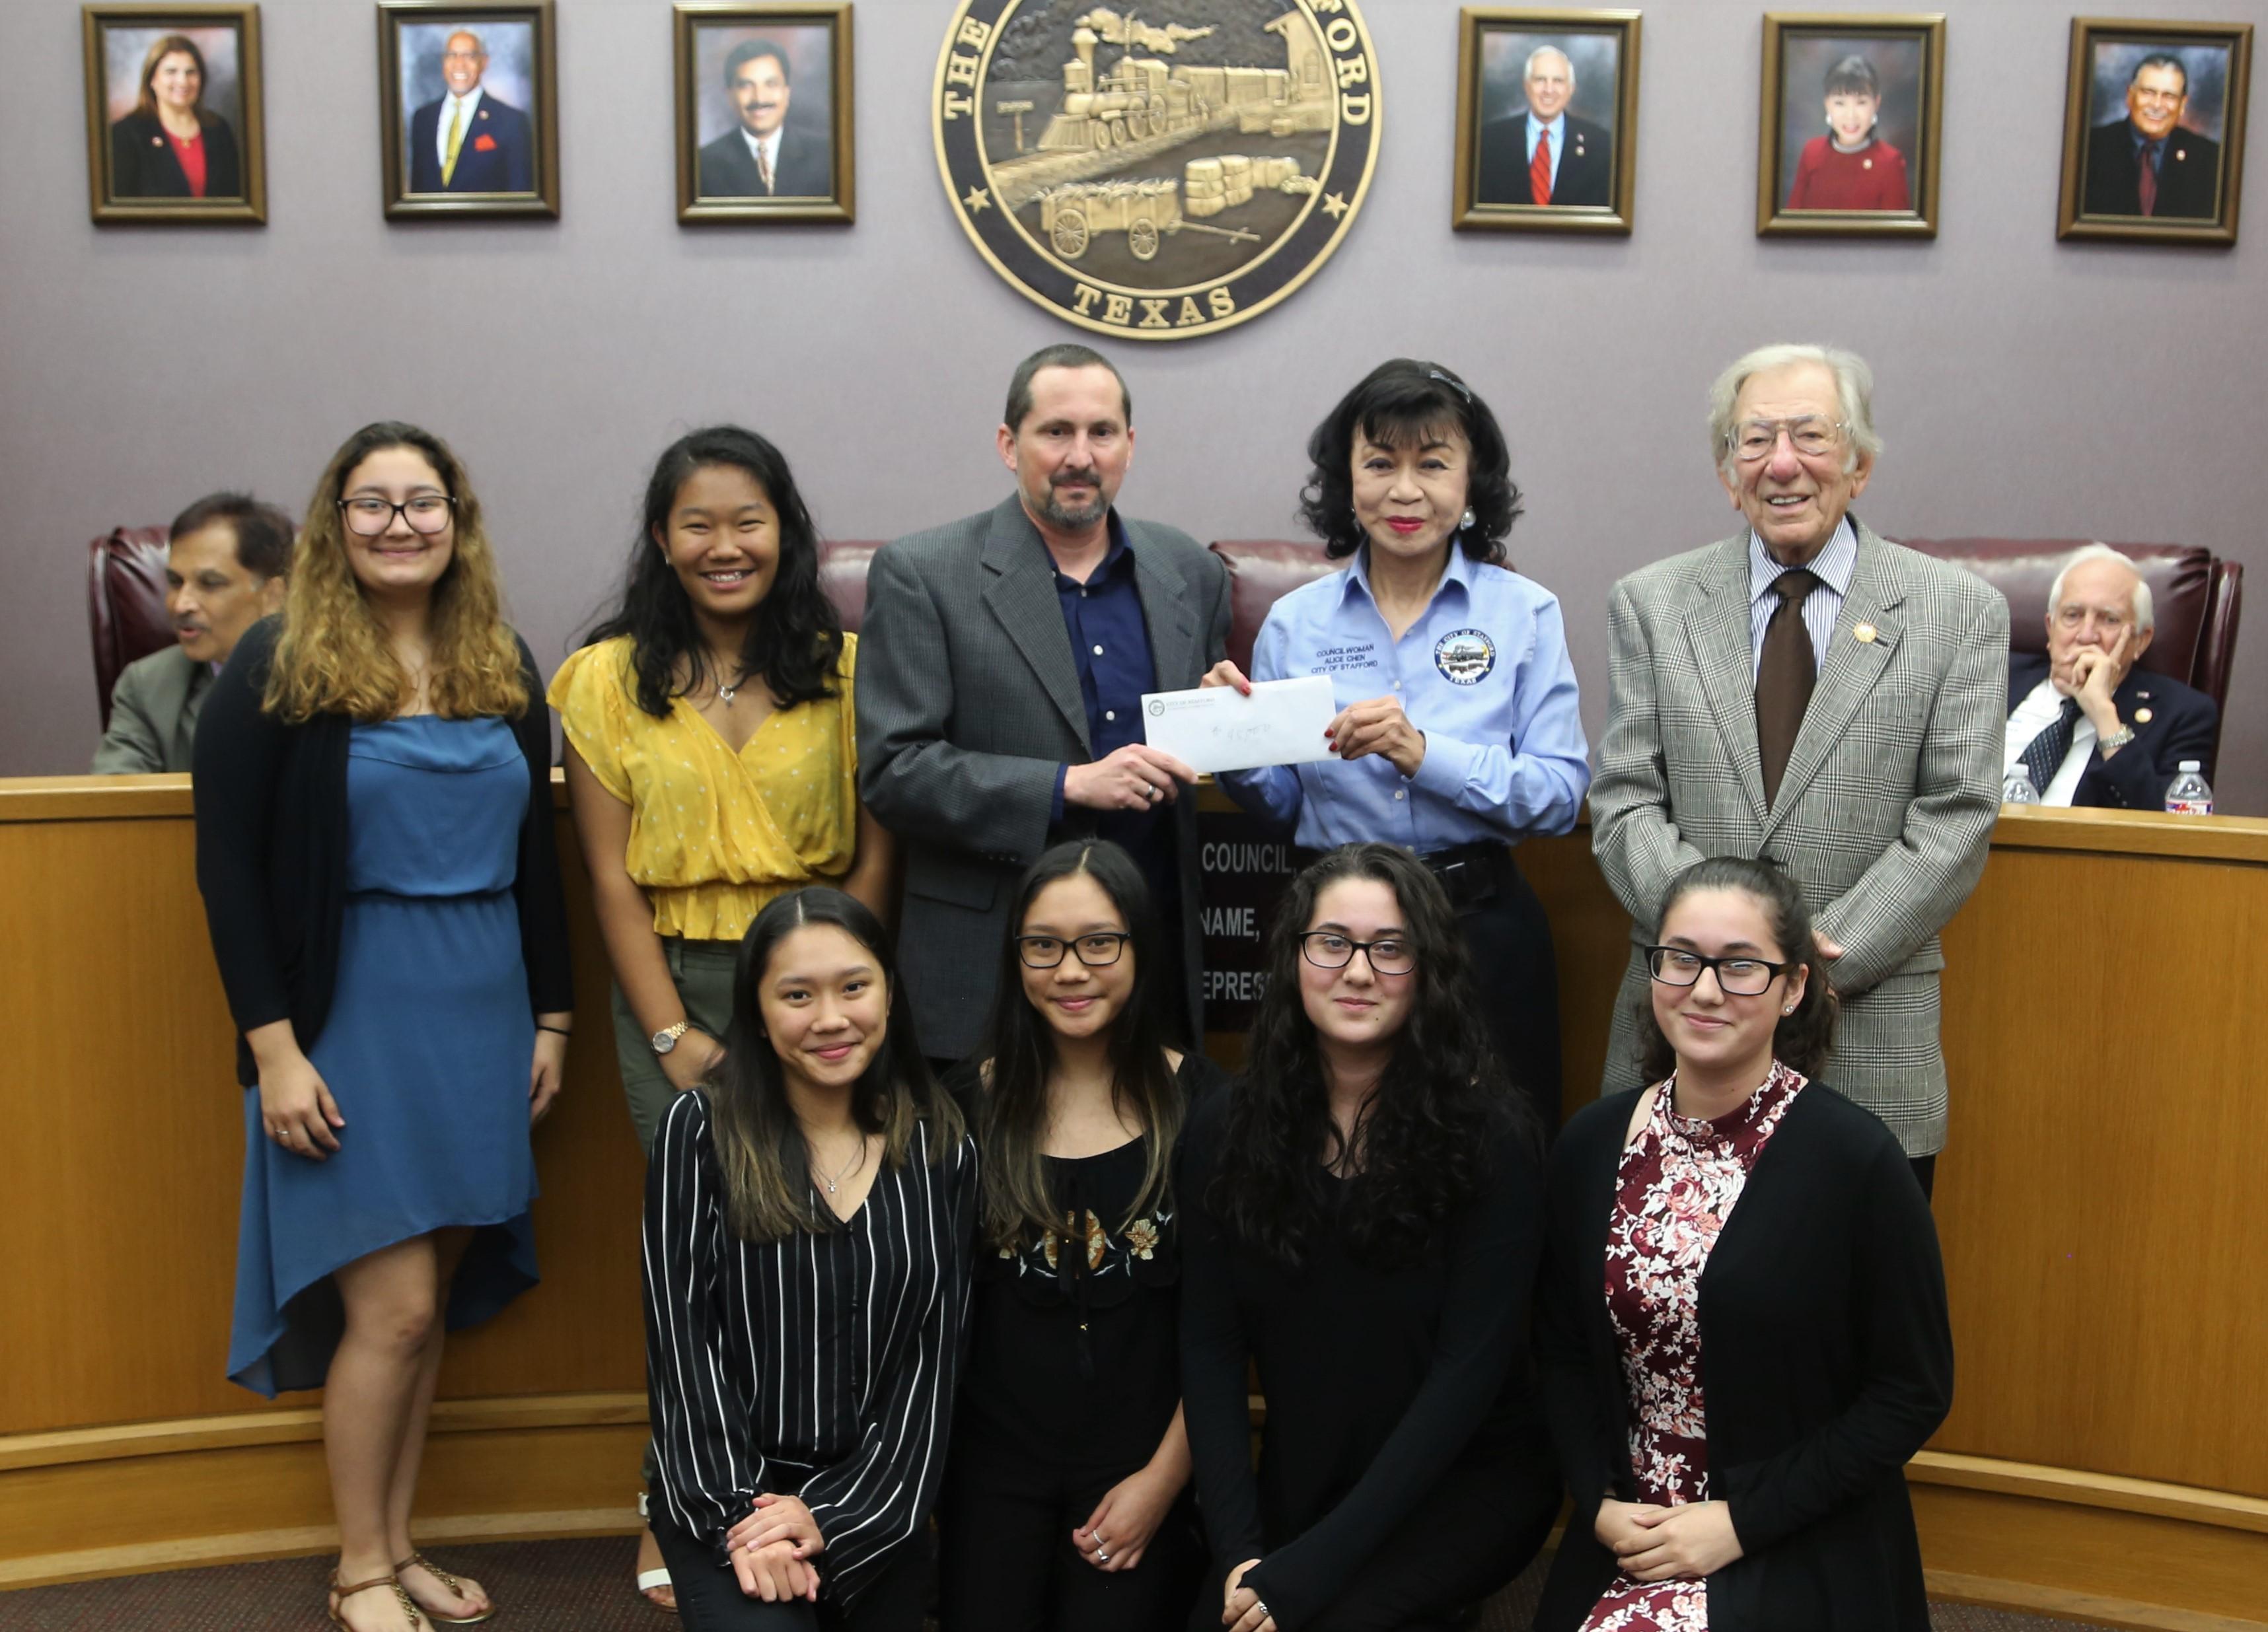 斯坦福市市長史卡西拉(後右一)、市議員譚秋晴(後右二)與捐款人及樂隊隊員合影。(譚秋晴提供)